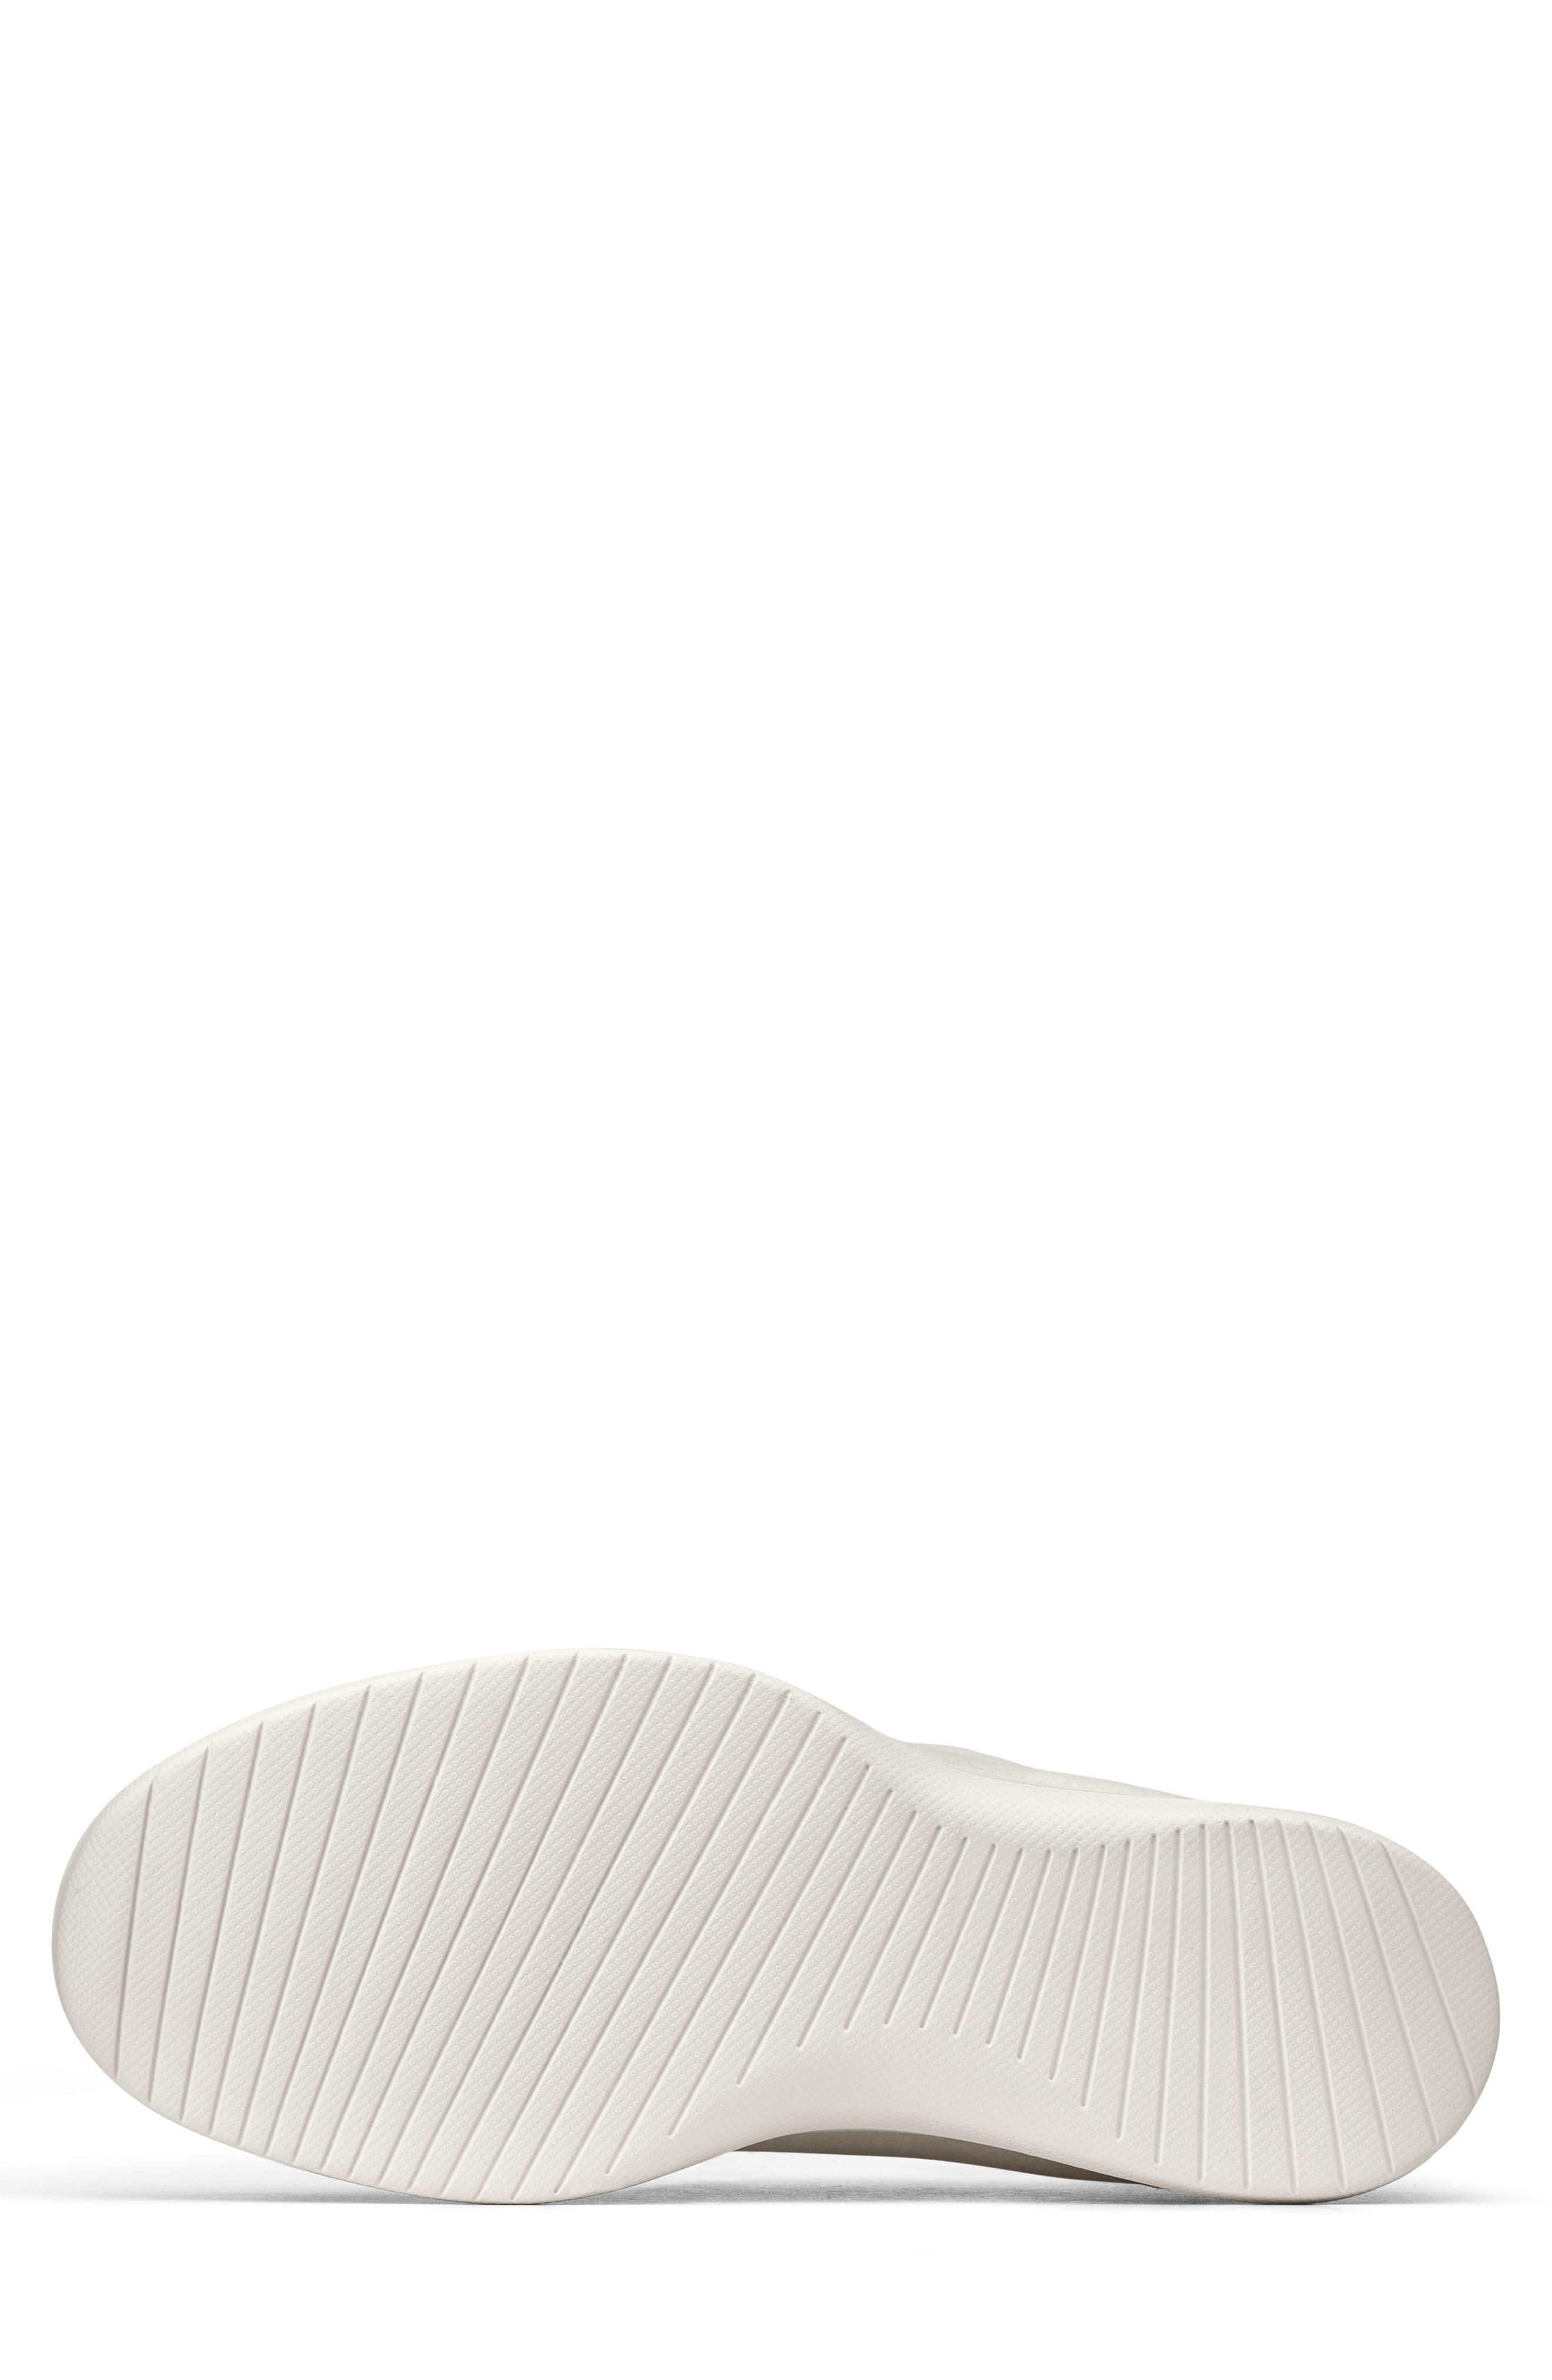 Wool Runner,                             Alternate thumbnail 5, color,                             Natural White